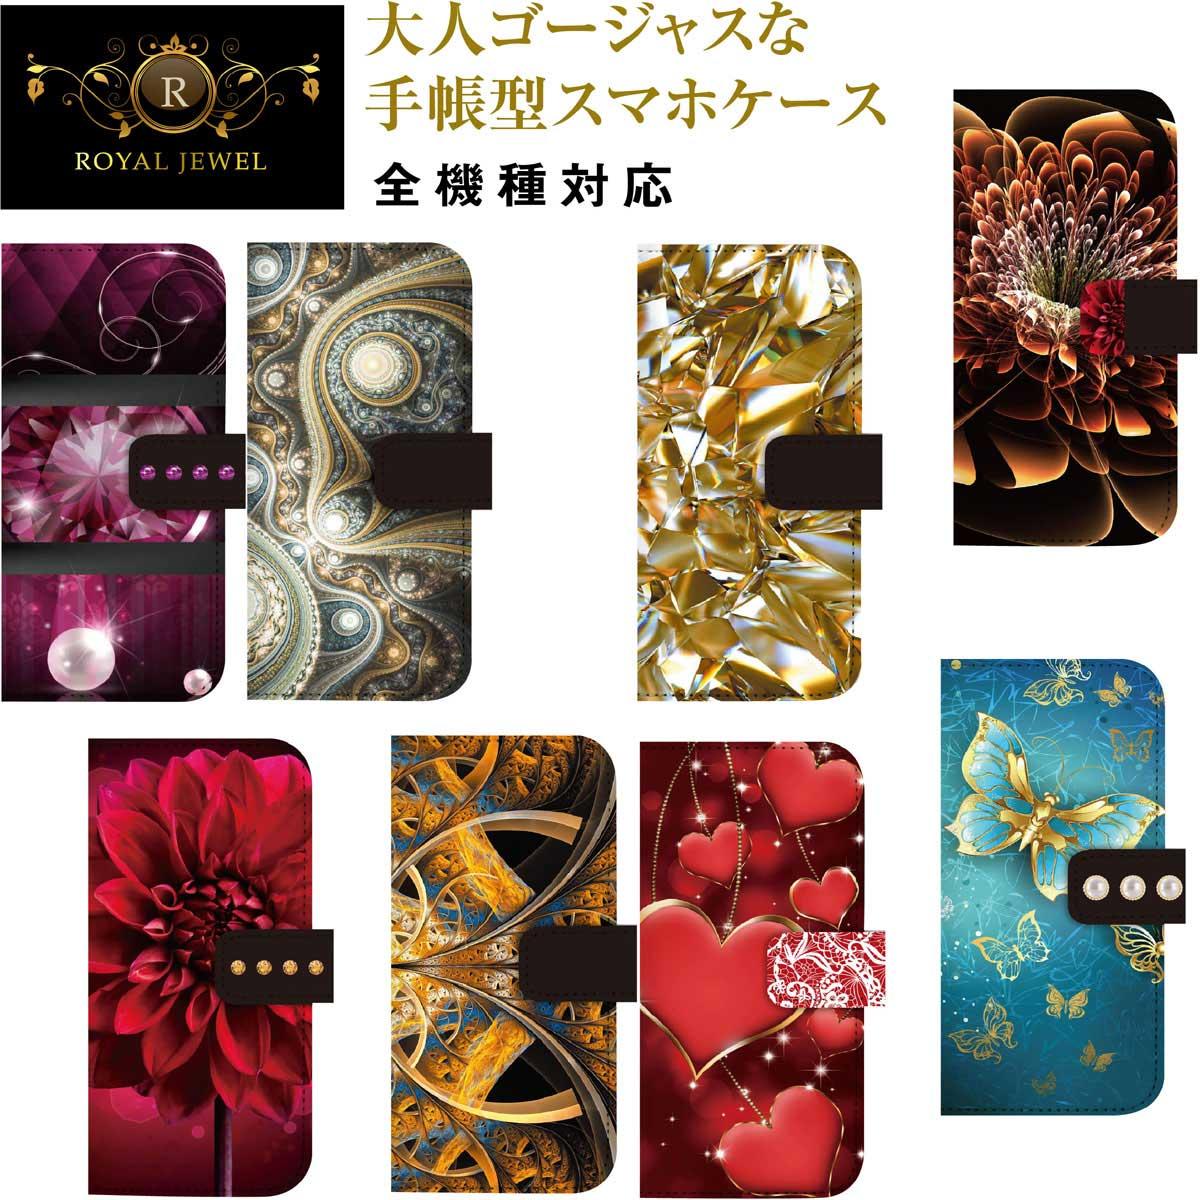 スマホケース 手帳型 全機種対応 手帳 ケース カバー レザー iPhoneXS Max iPhoneXR iPhoneX iPhone8 ケース iPhone7 iPhone SE Xperia XZ2 SO-05K SO-03K XZ1 SO-01K XZ SO-04J XZs SO-03J aquos R2 sh-04k shv42 R sh-03k galaxy S9 S8 かわいい jiang-ds129